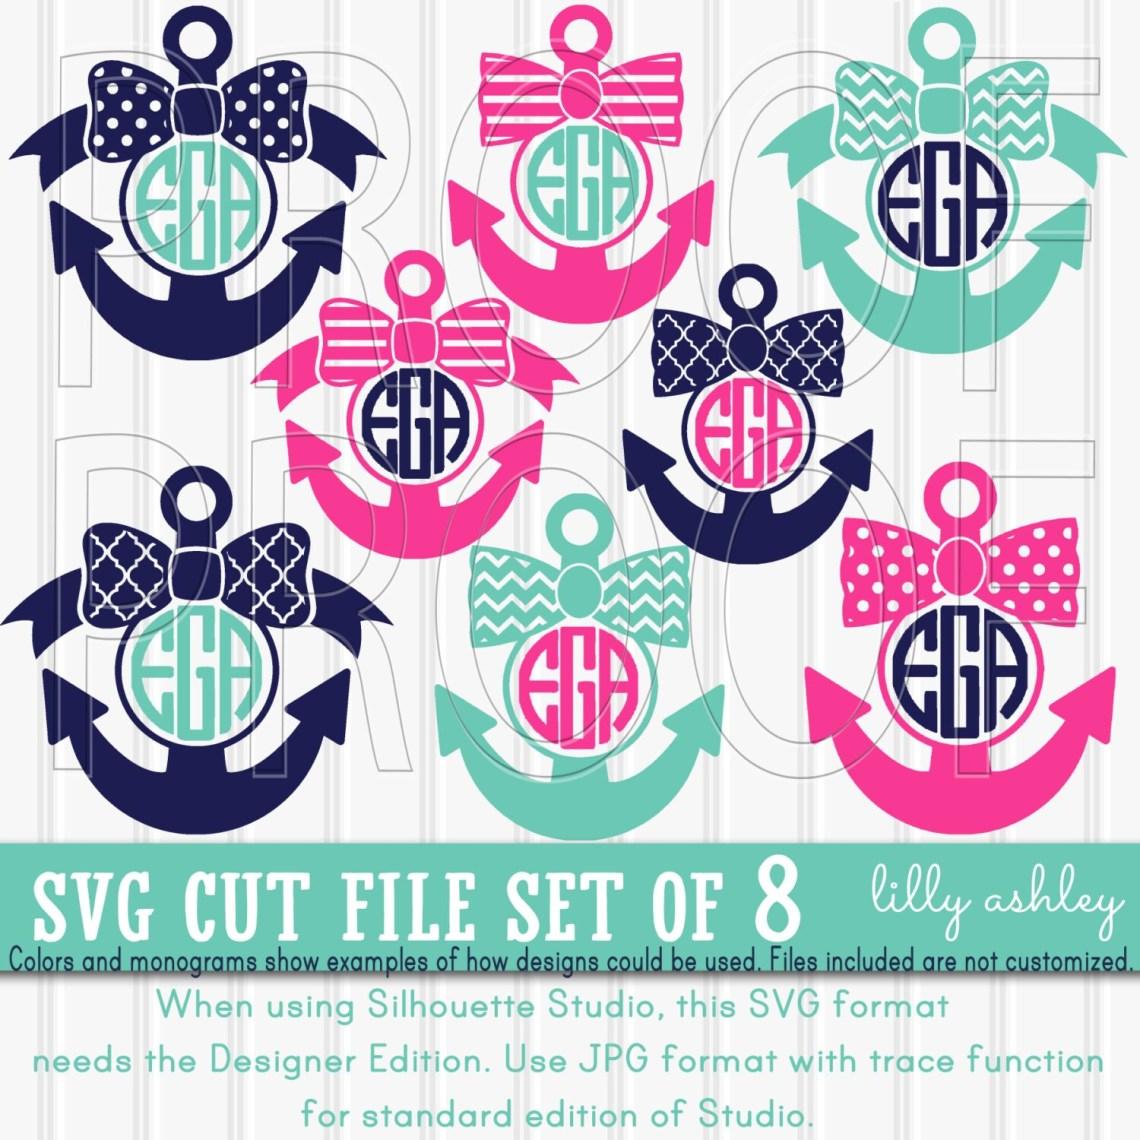 Download Monogram SVG Files Set of 8 cut files SVG/JPG formats anchor